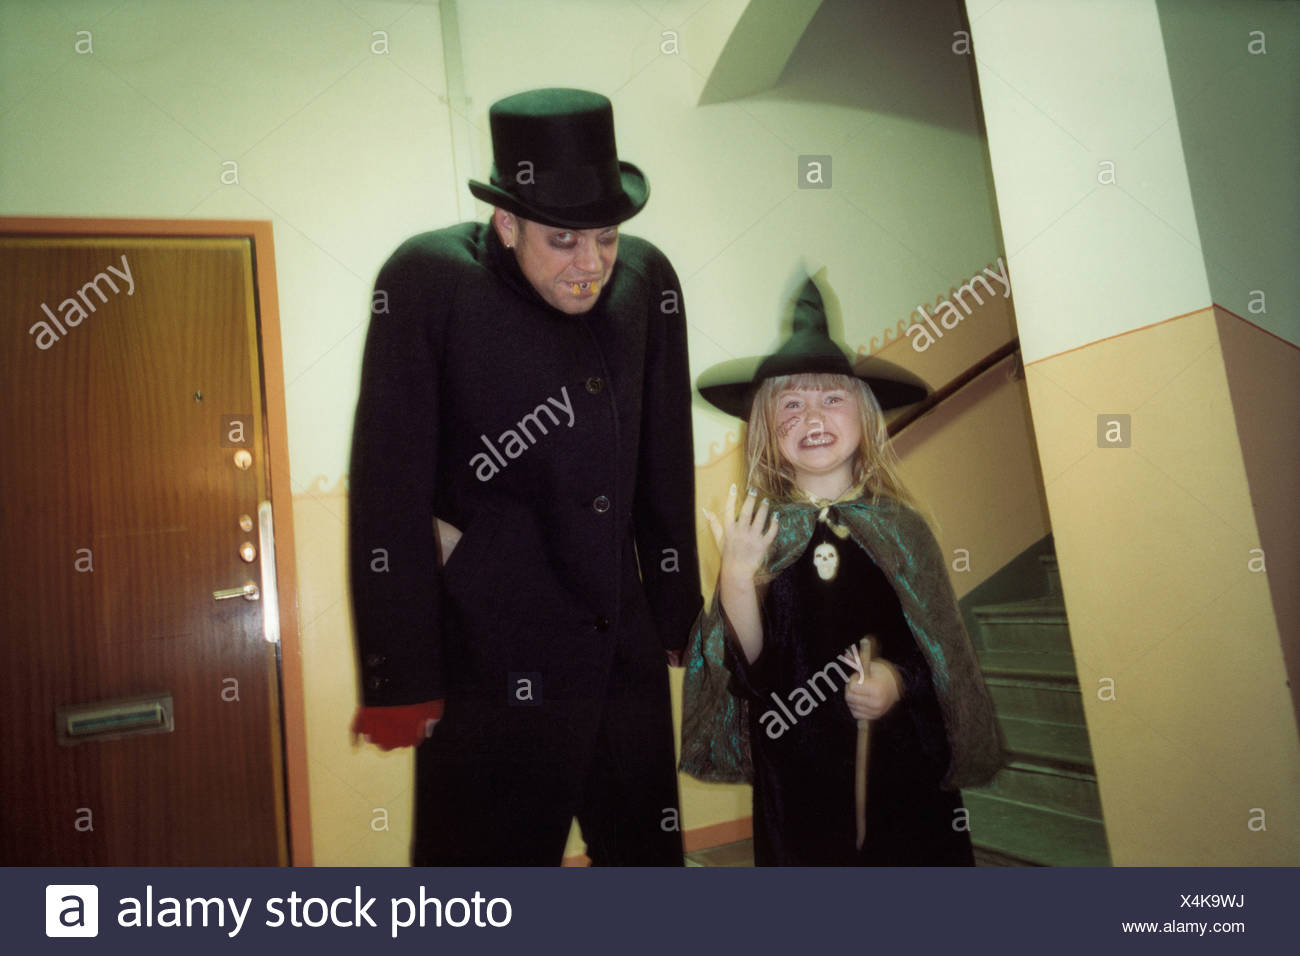 Un homme dans un costume de vampire et une jeune fille dans un costume de sorcière Photo Stock